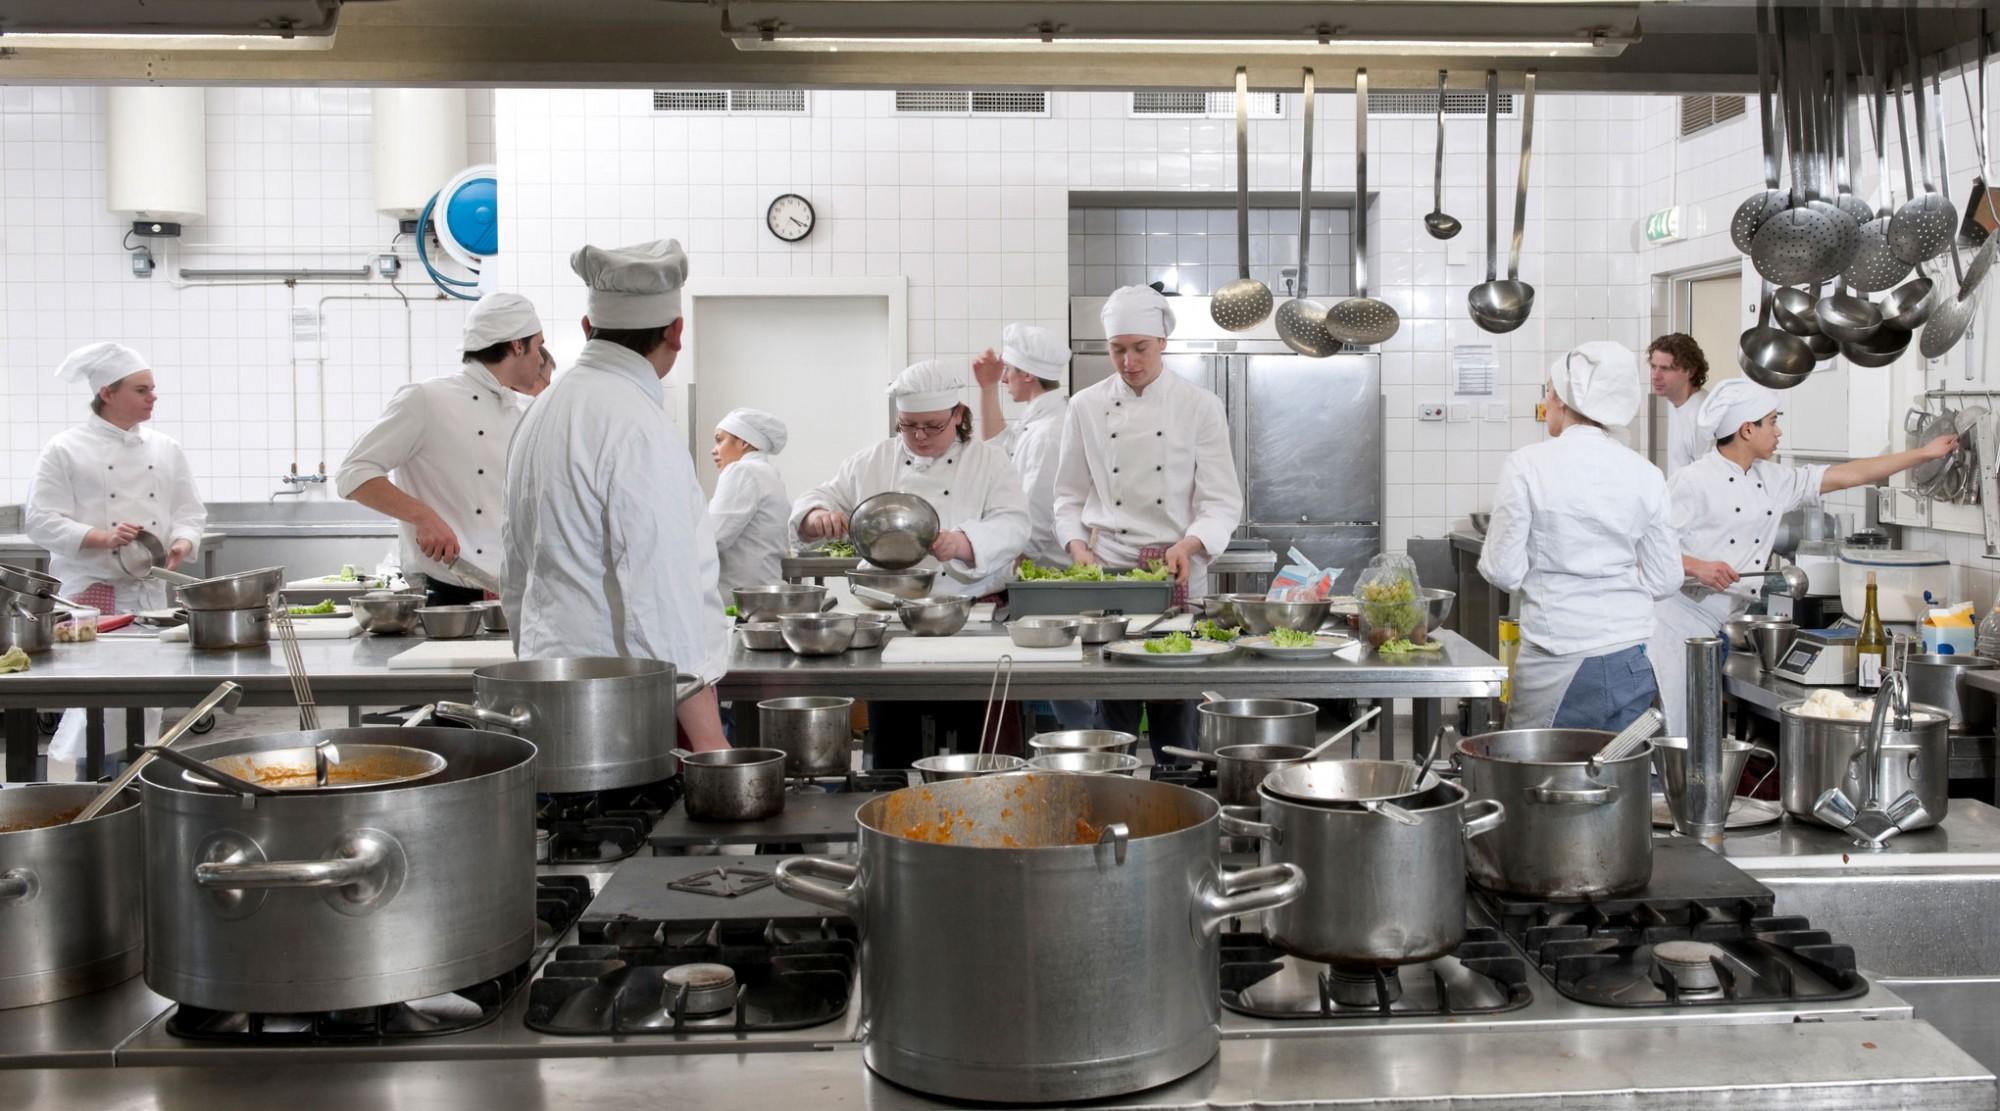 thiết kế bếp nhà hàng (4)